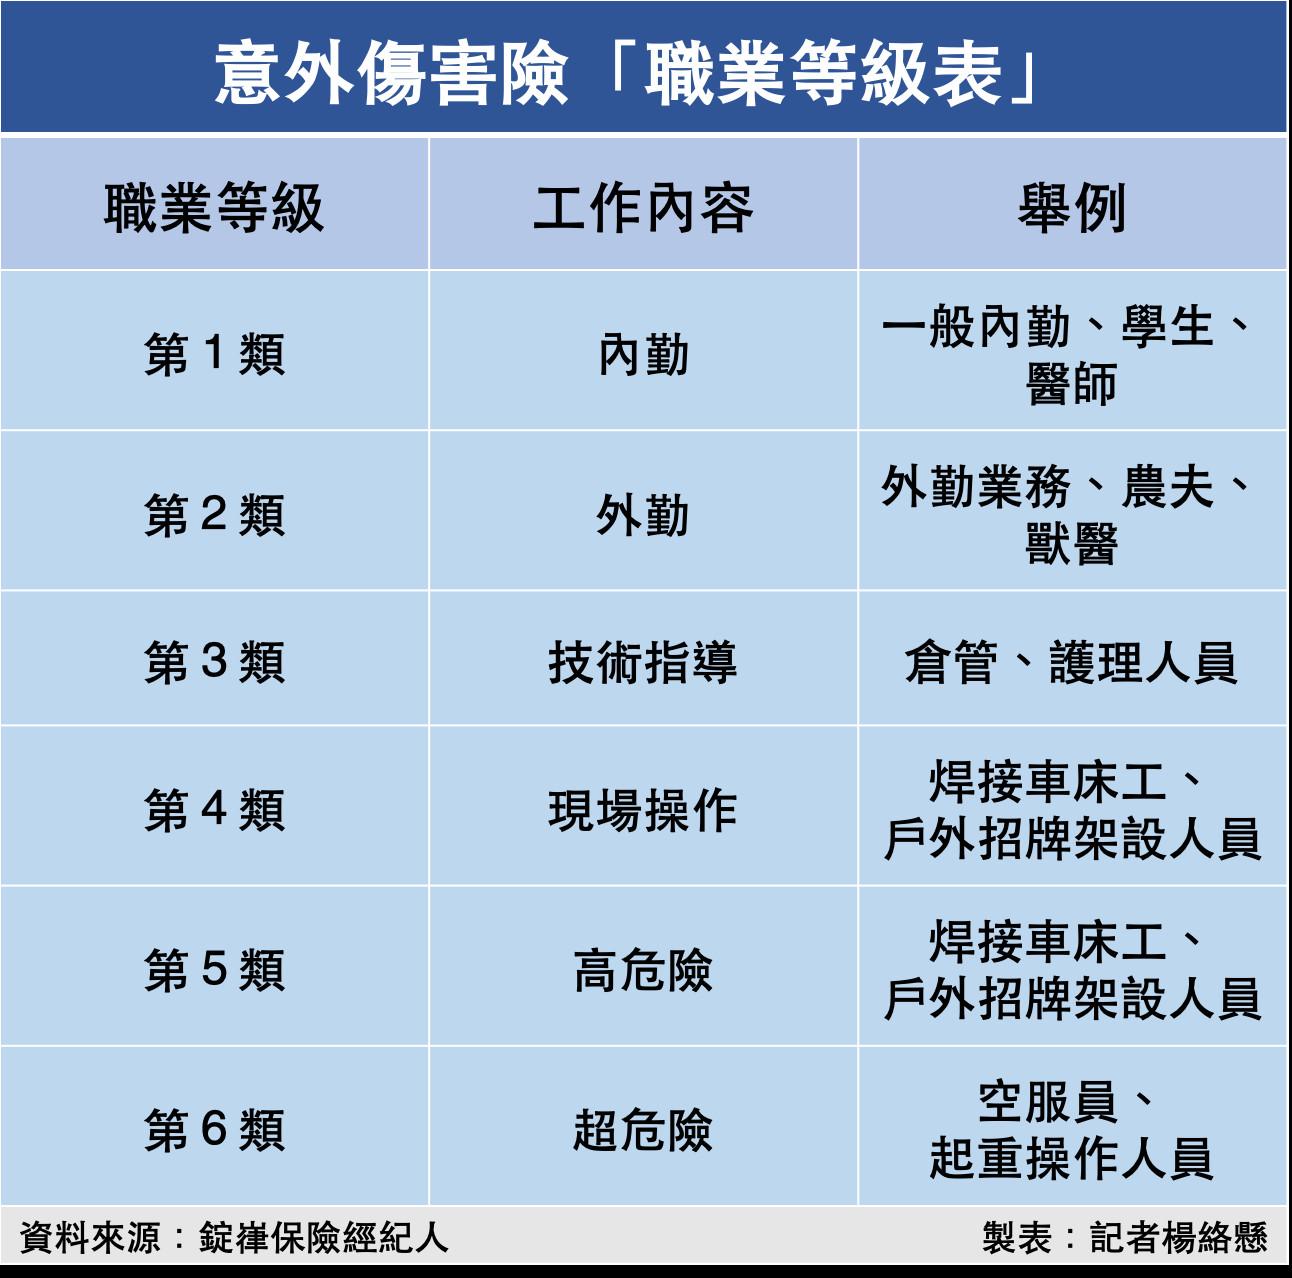 ▲意外傷害險「職業等級表」。(圖/記者楊絡懸製表)